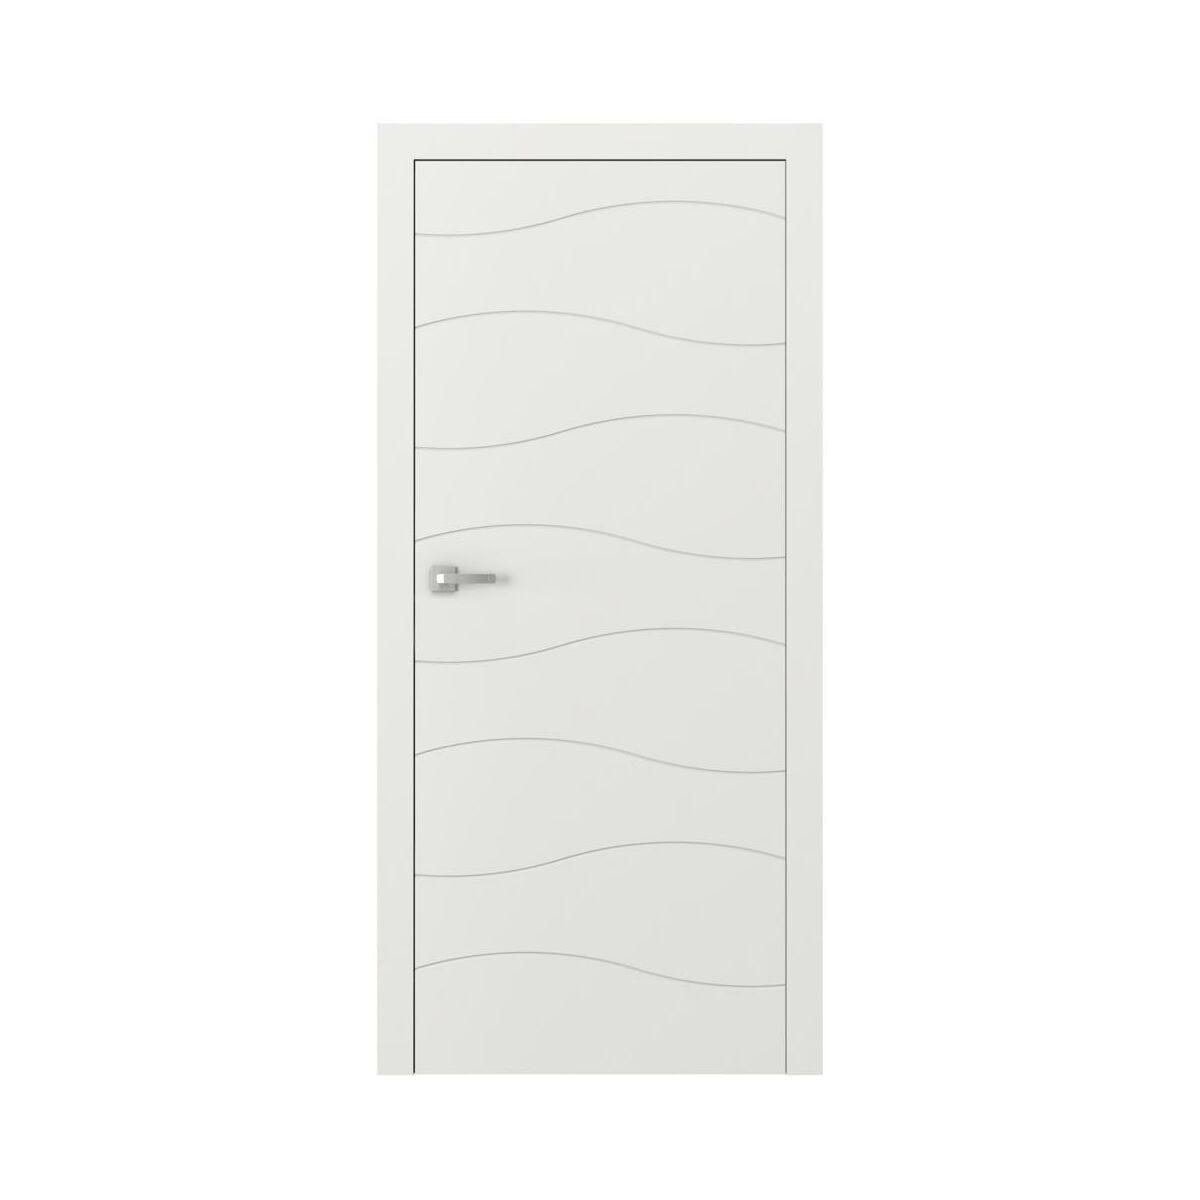 Skrzydło drzwiowe VECTOR X  70 Prawe PORTA